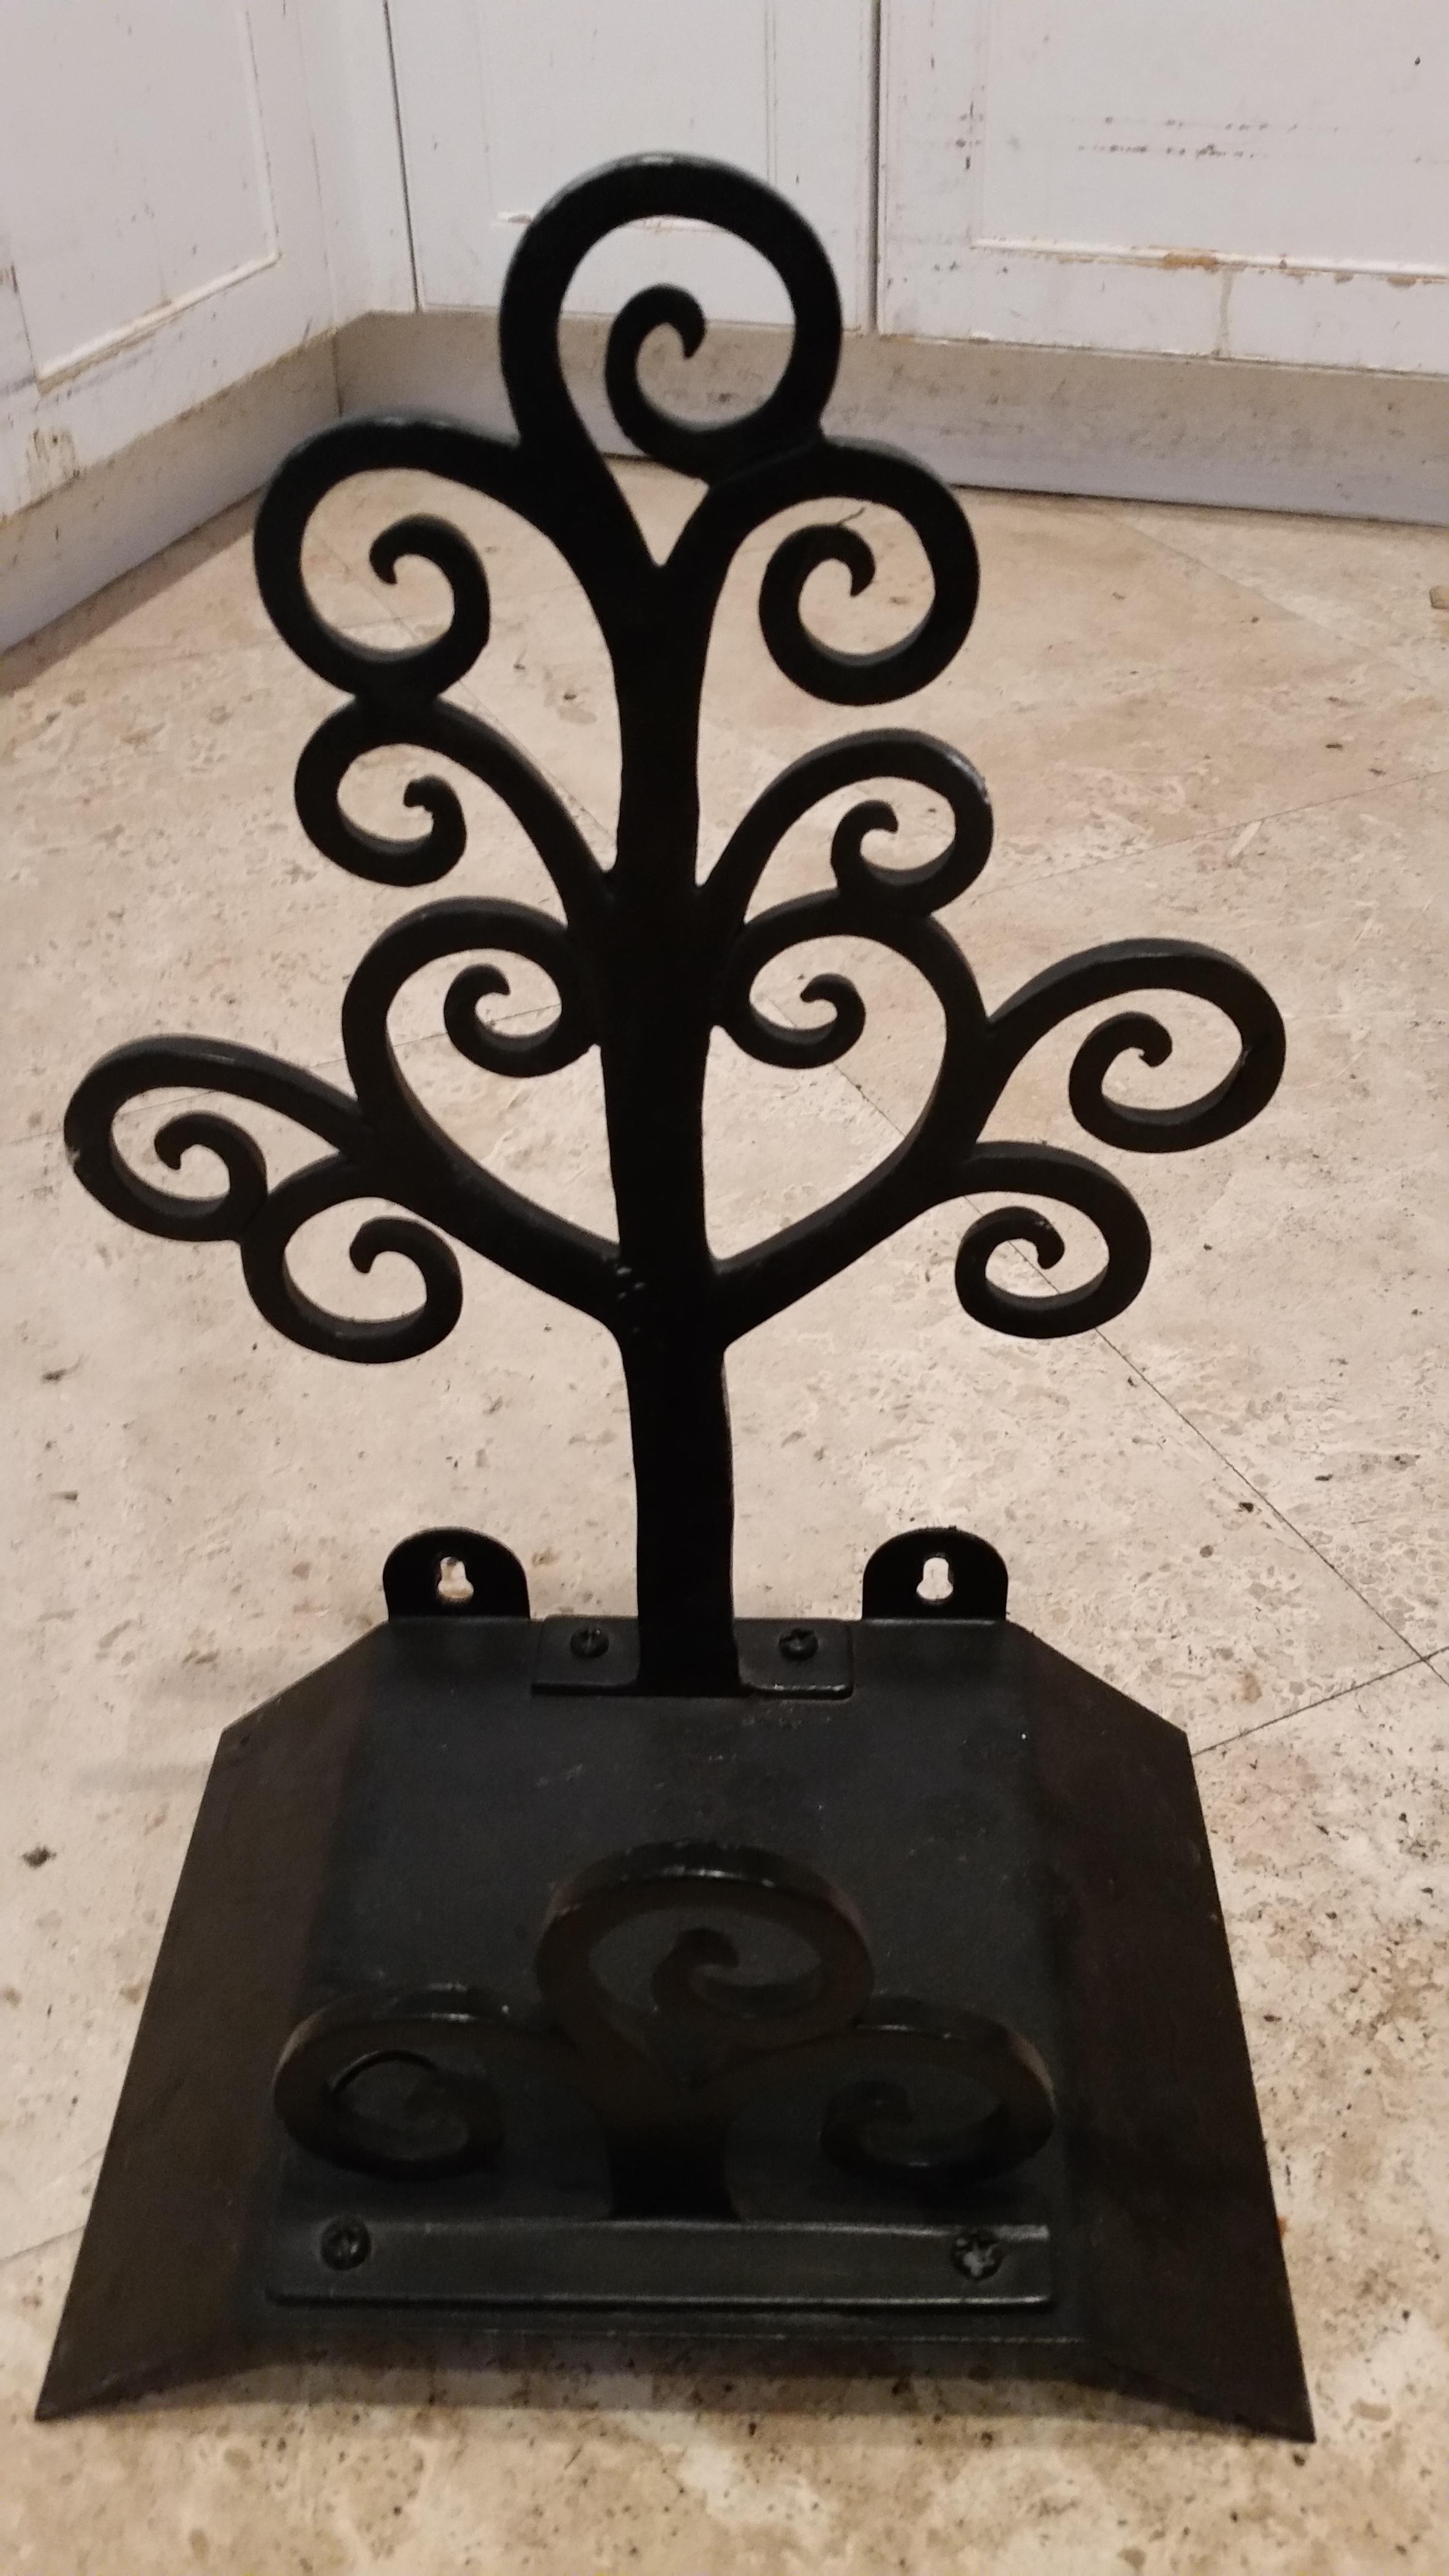 Marvelous Winterthur Black Metal Garden Hose Holder   Image 2 Of 6